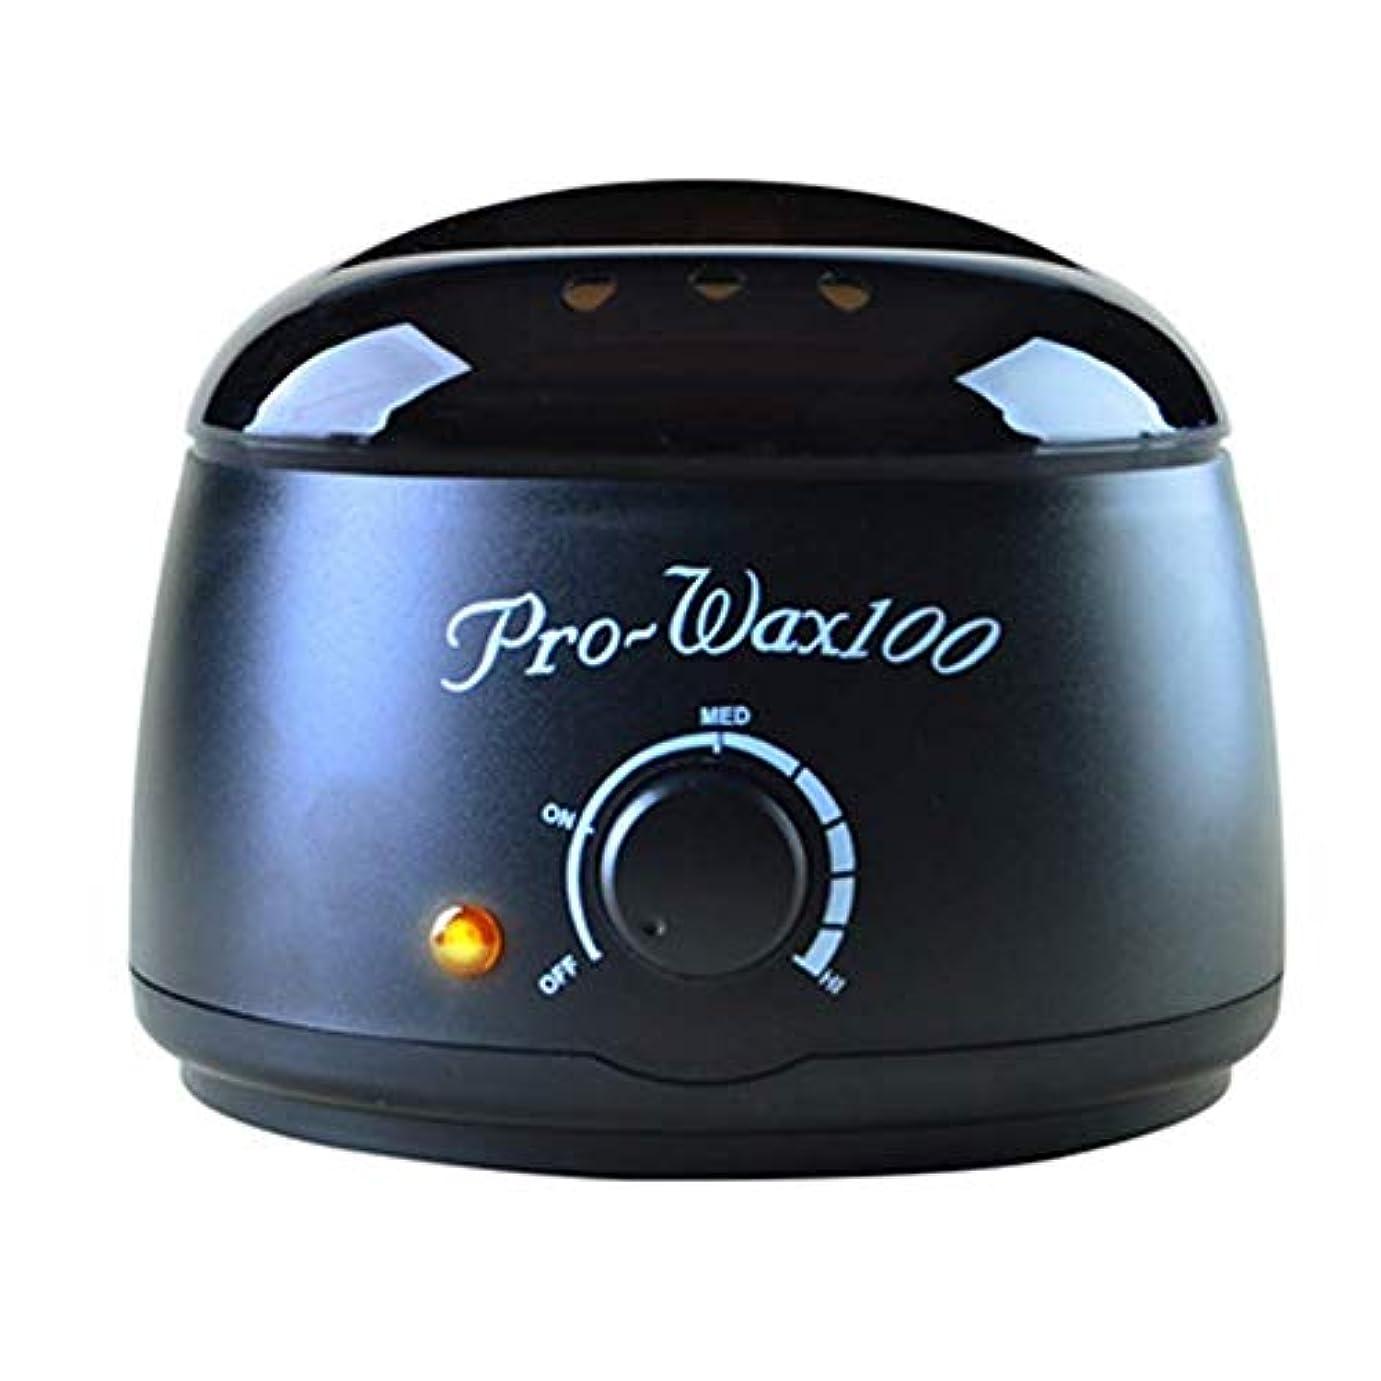 一時停止ホース飛び込むすべてのワックスタイプのための専門の電気ワックスヒーター、ワックスメルター可変温度とウォーマーと内蔵サーモ安全制御500ミリリットル脱毛脱毛のために